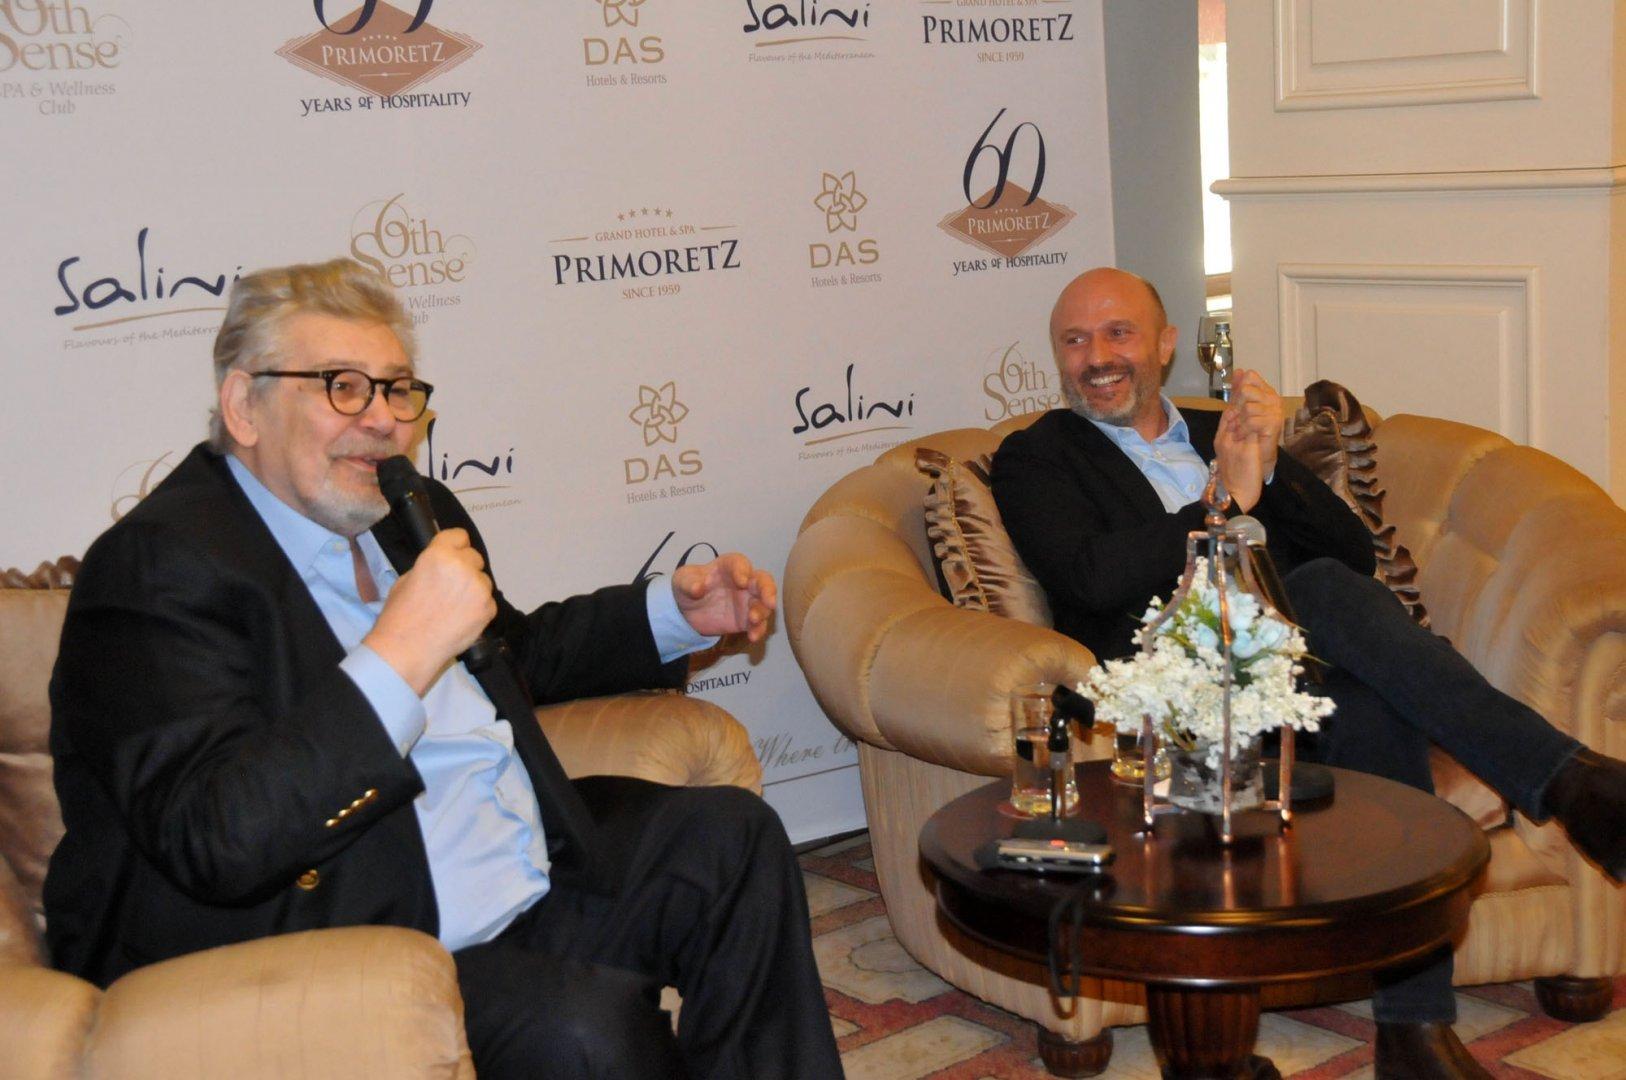 Стефан Данаилов и Георги Тошев на премиерата на книгата през март 2018 г. в Приморец. Снимка Архив Черноморие-бг